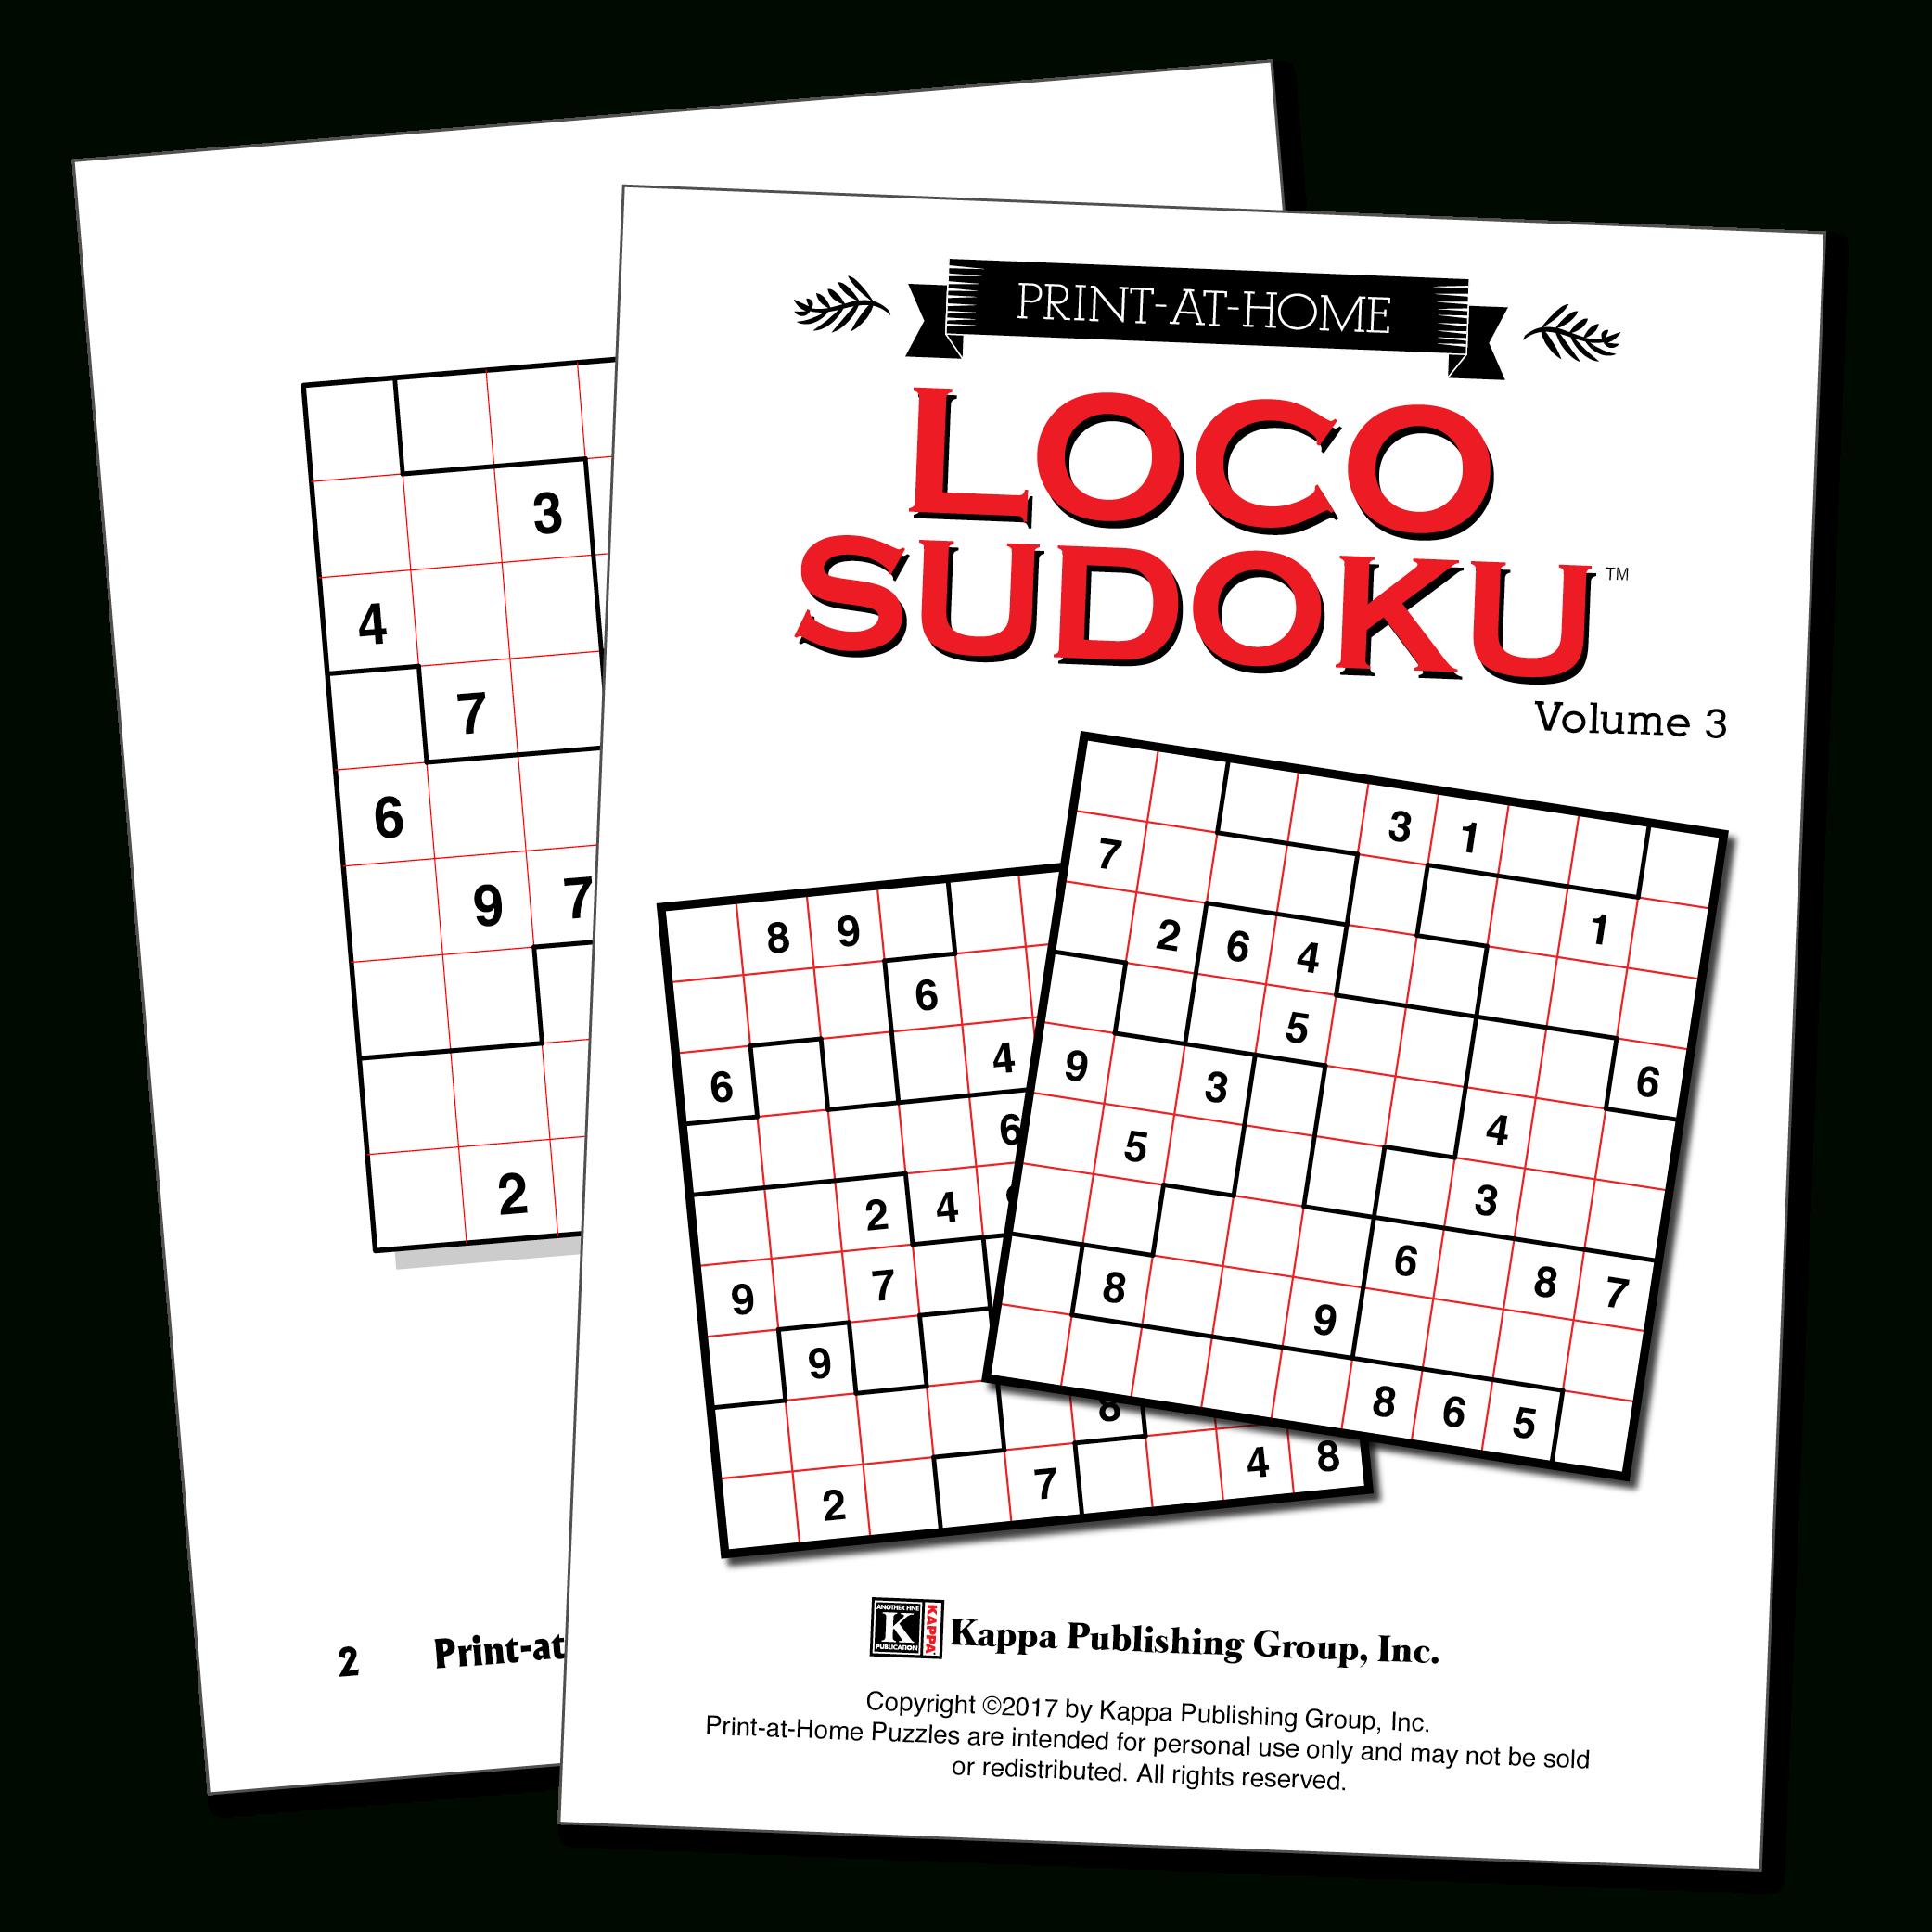 Free Printable Loco Sudoku Puzzles